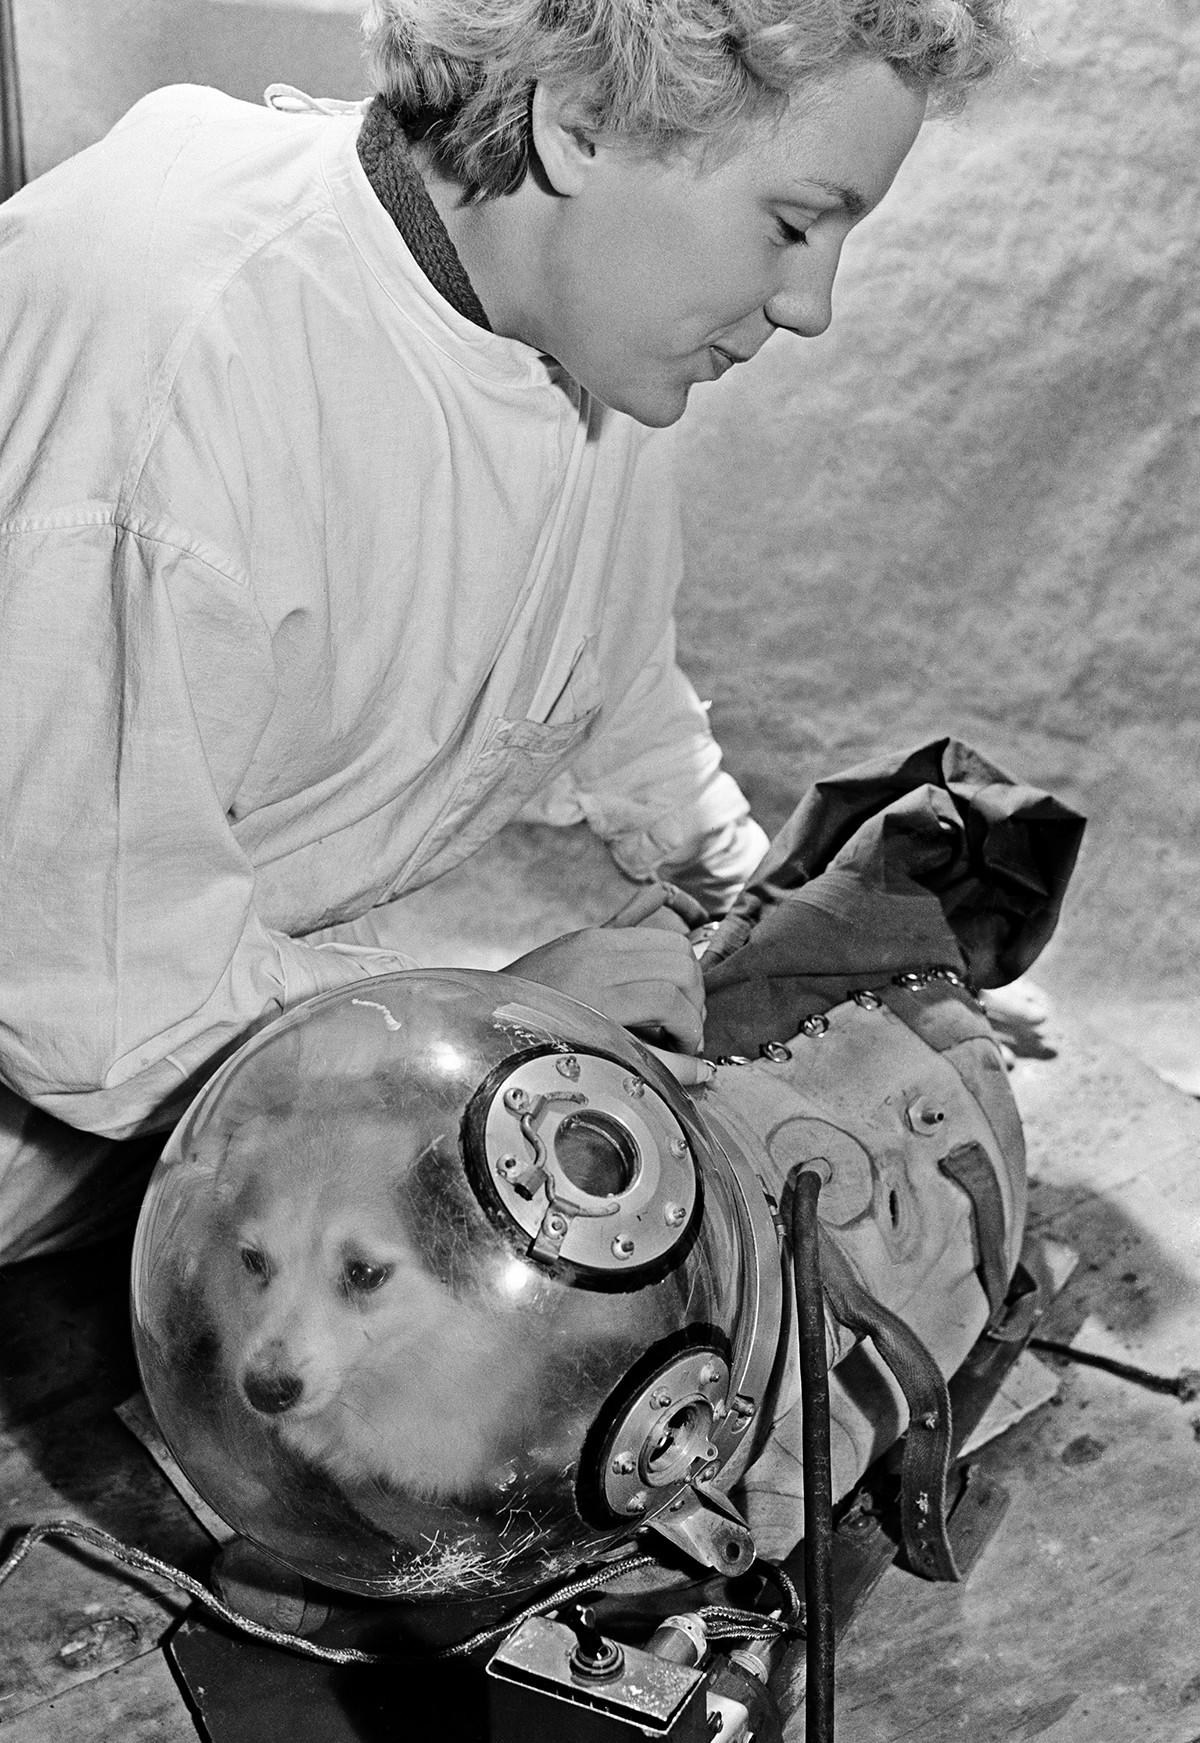 СССР. 1959. Лаборант Наташа Казакова обучава космическото куче Козявка за пробен космически полет.